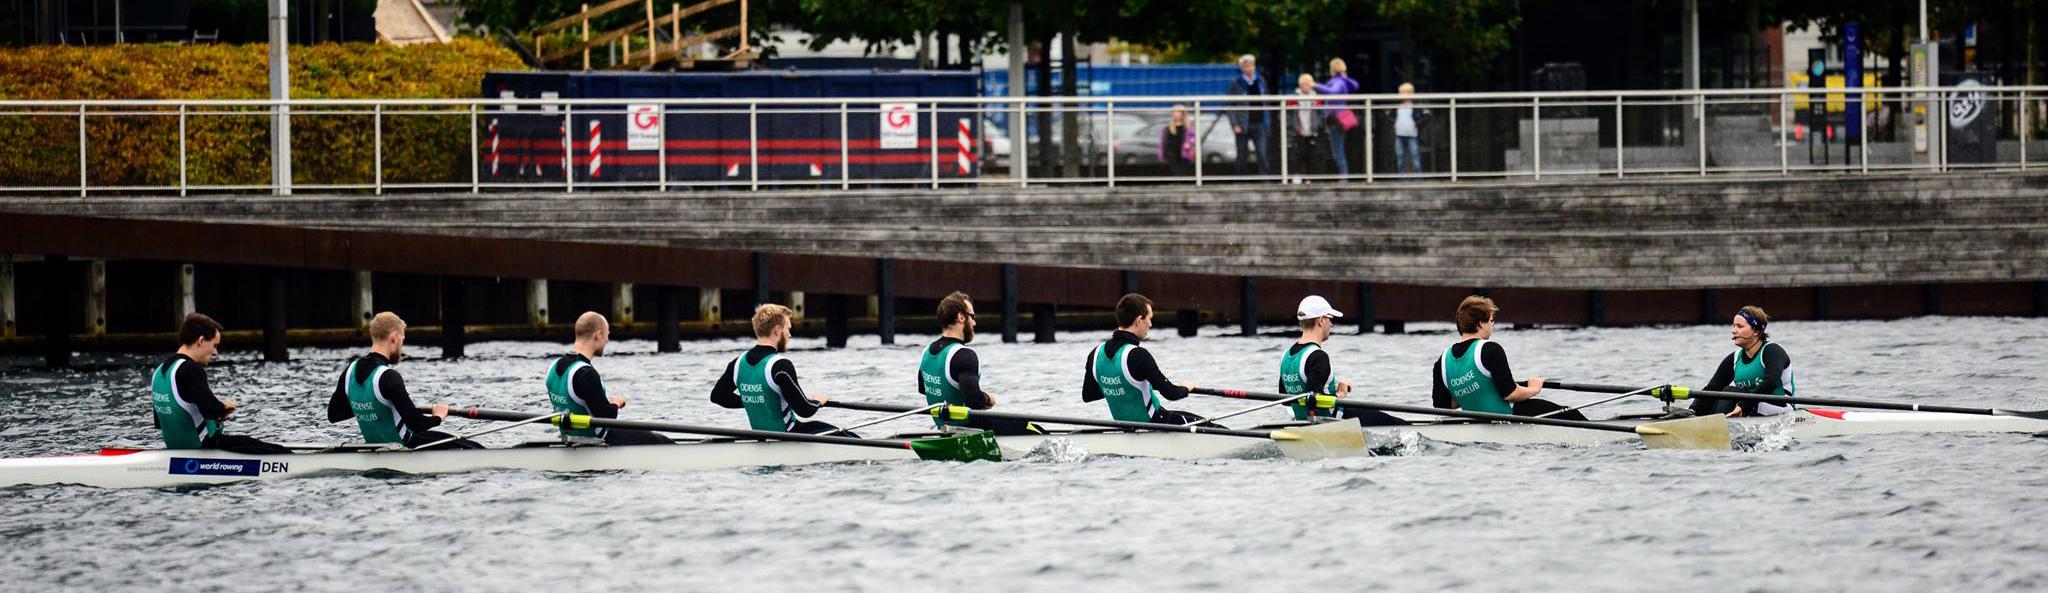 Universitetsroning Odense - Copenhagen Harbour Race 2017